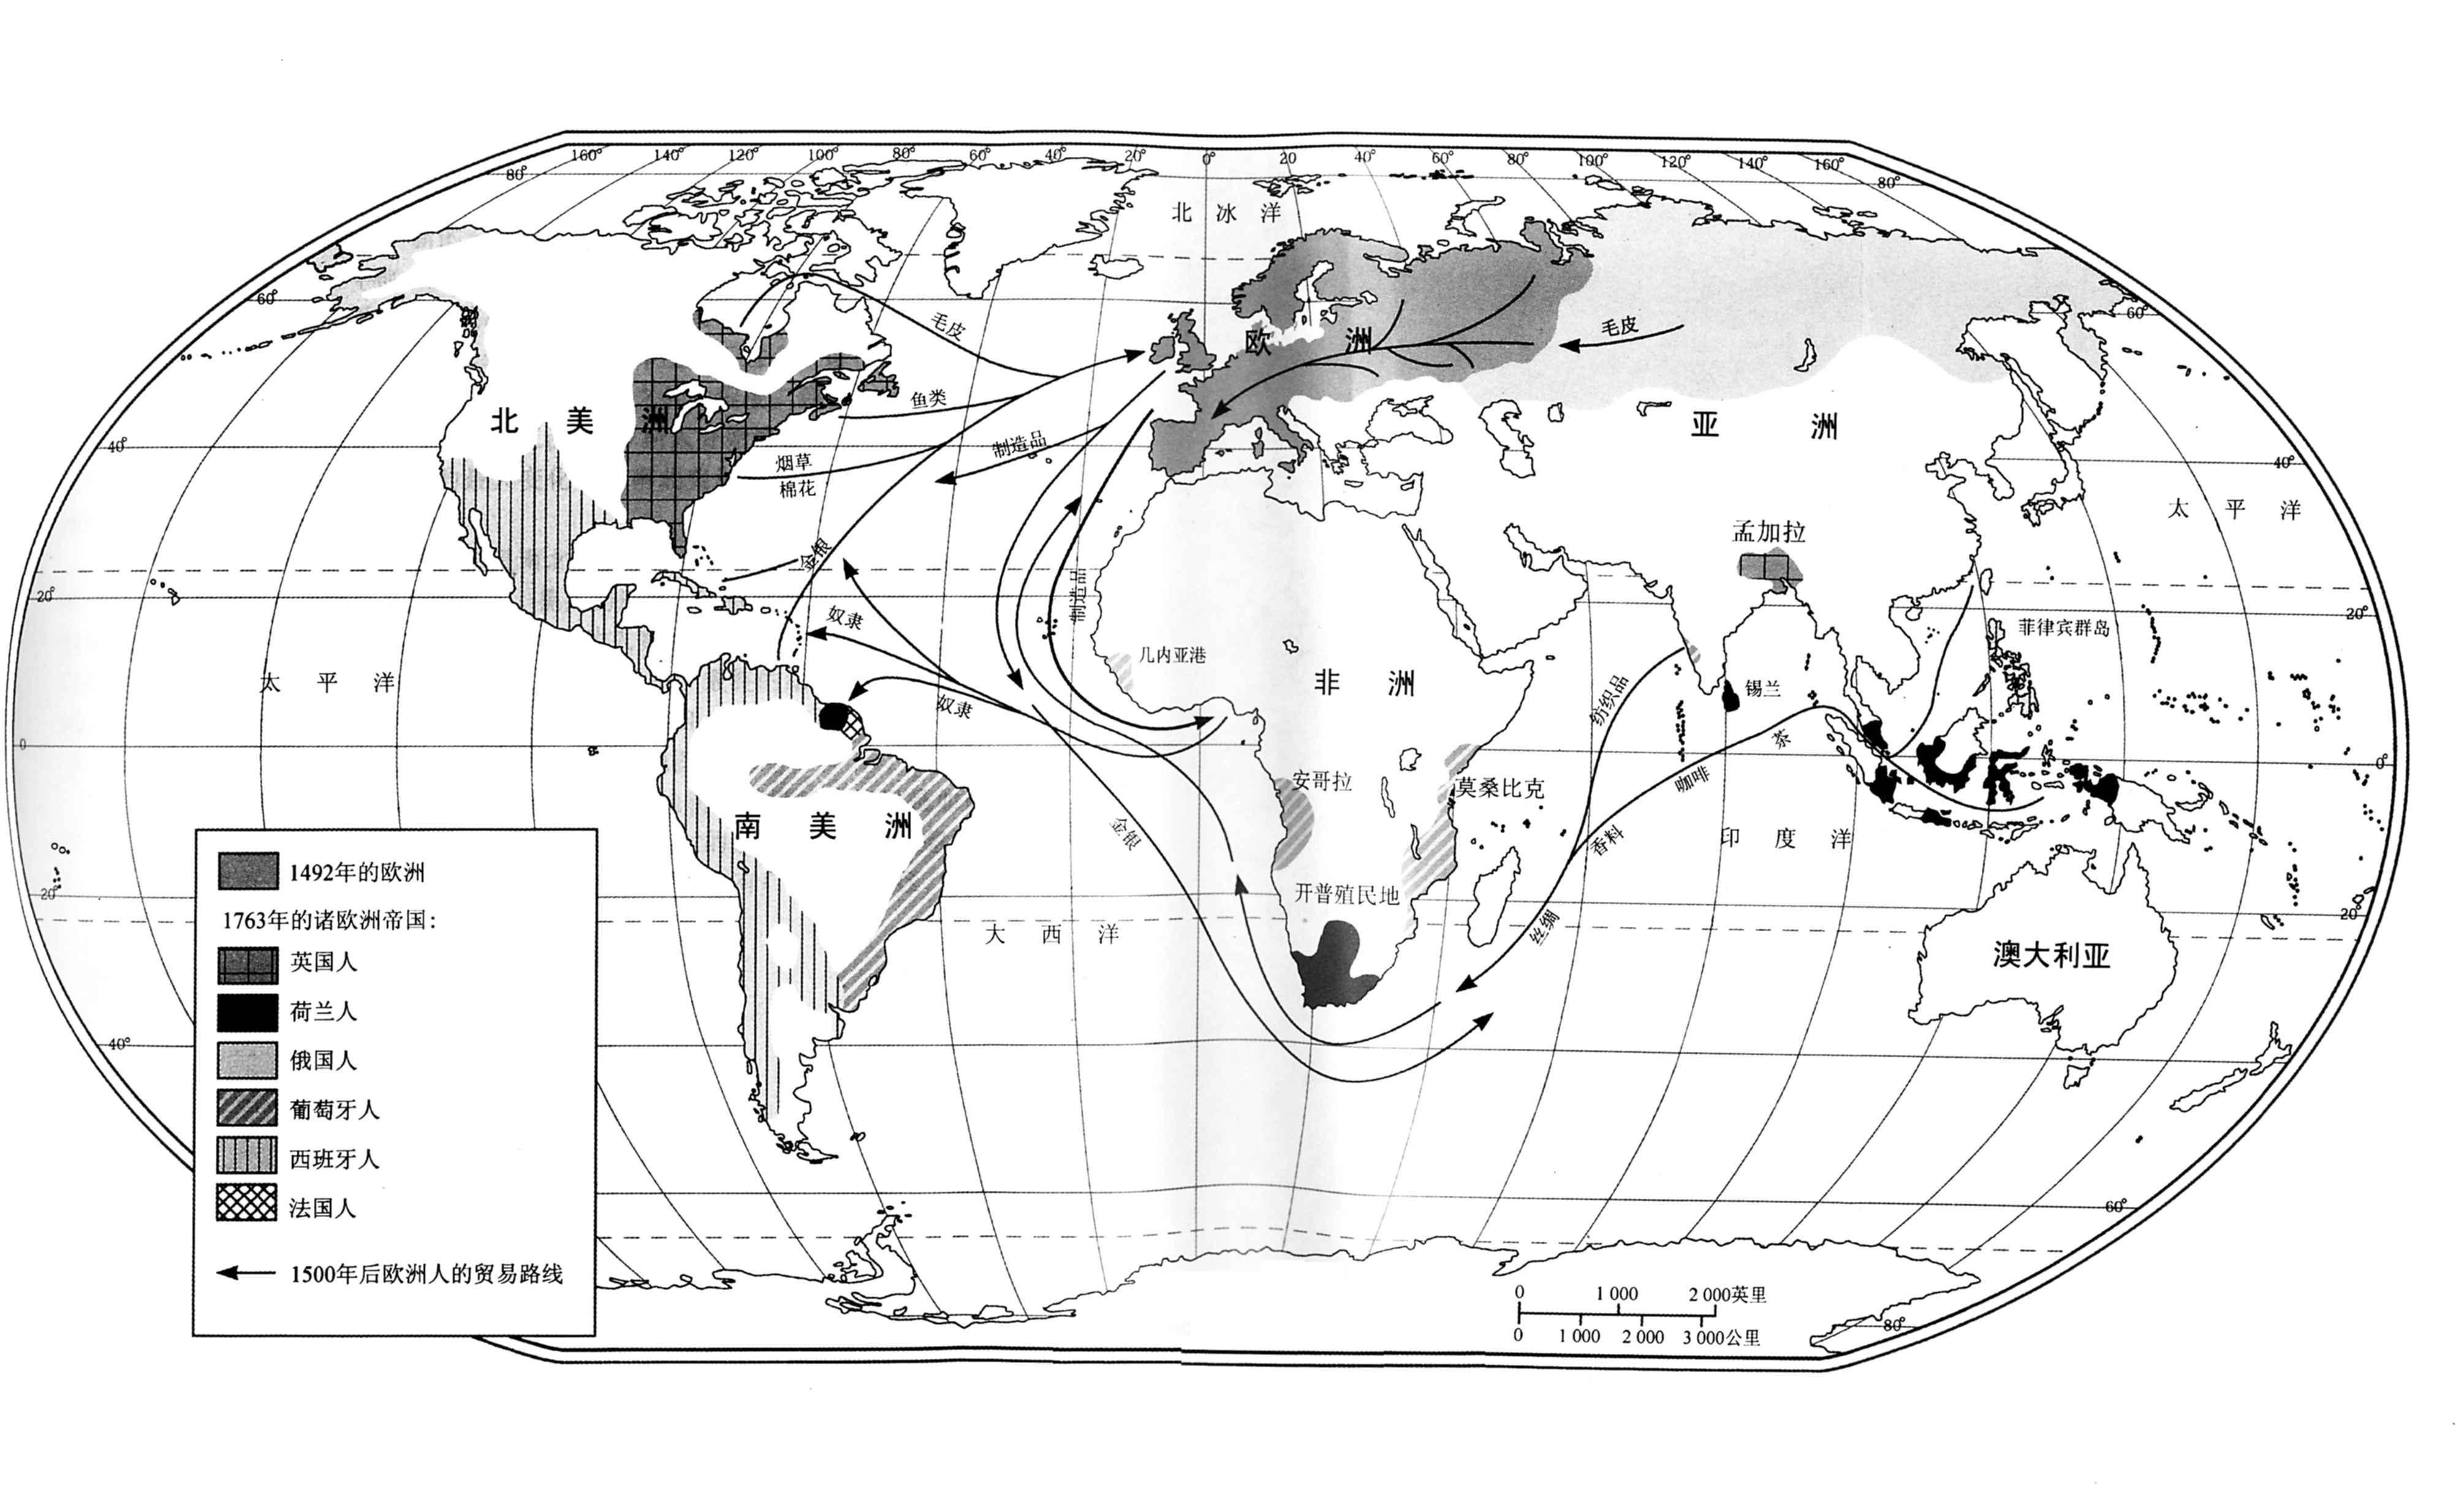 宽厚里手绘地图